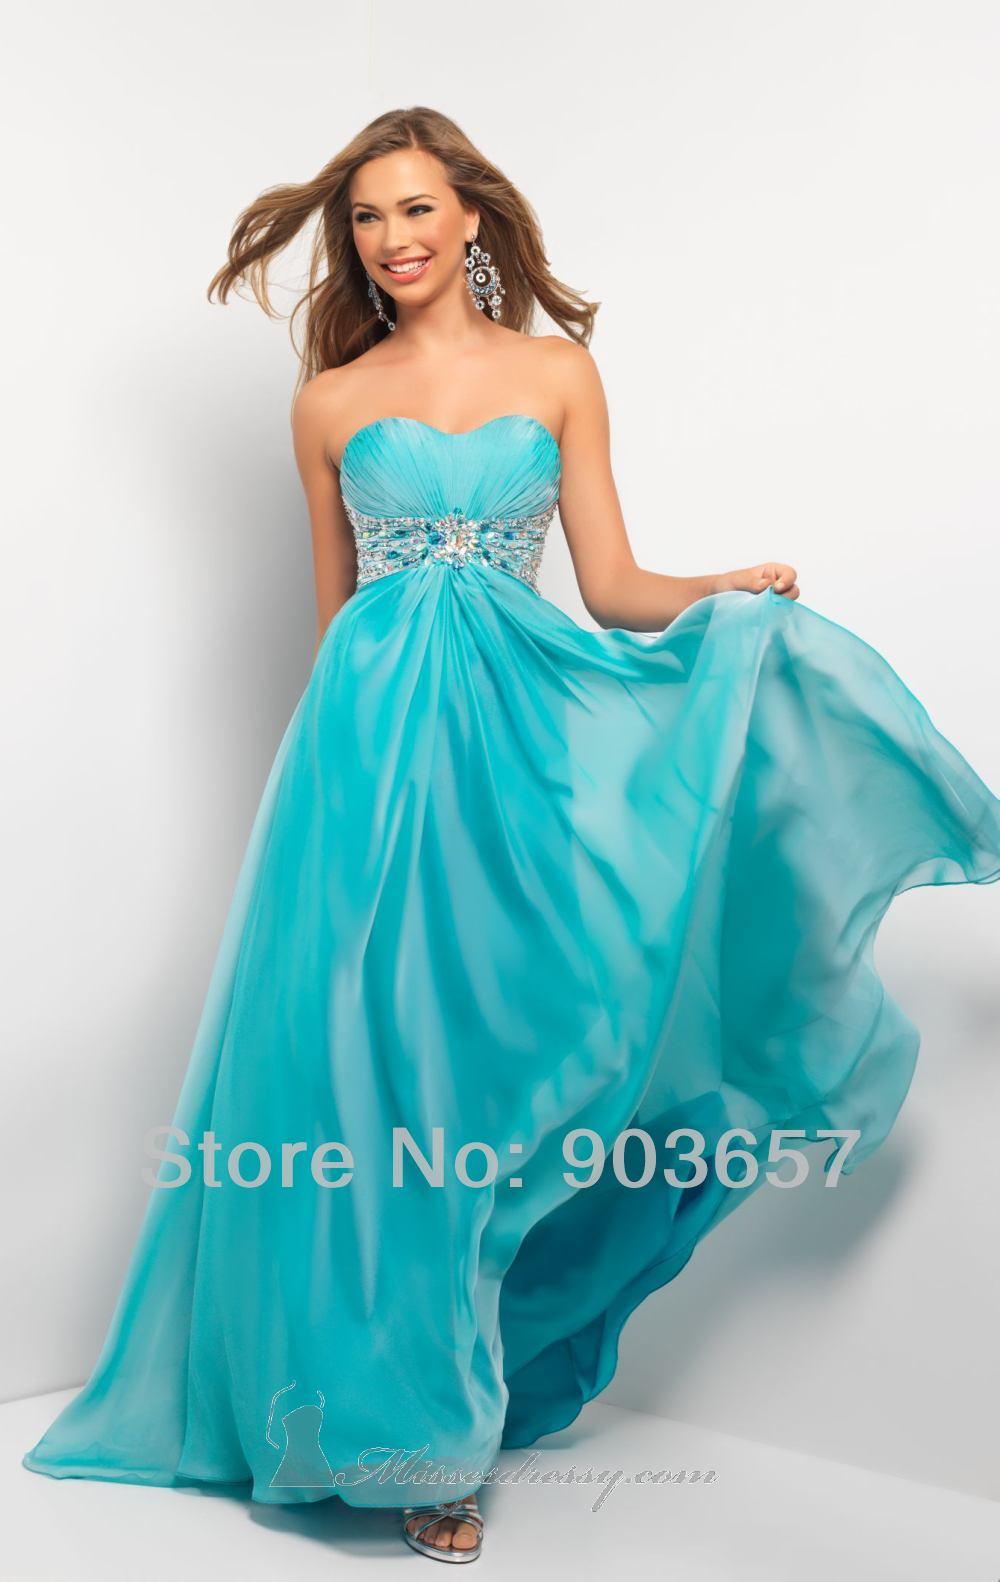 Вечернее платье на выпускной вечер